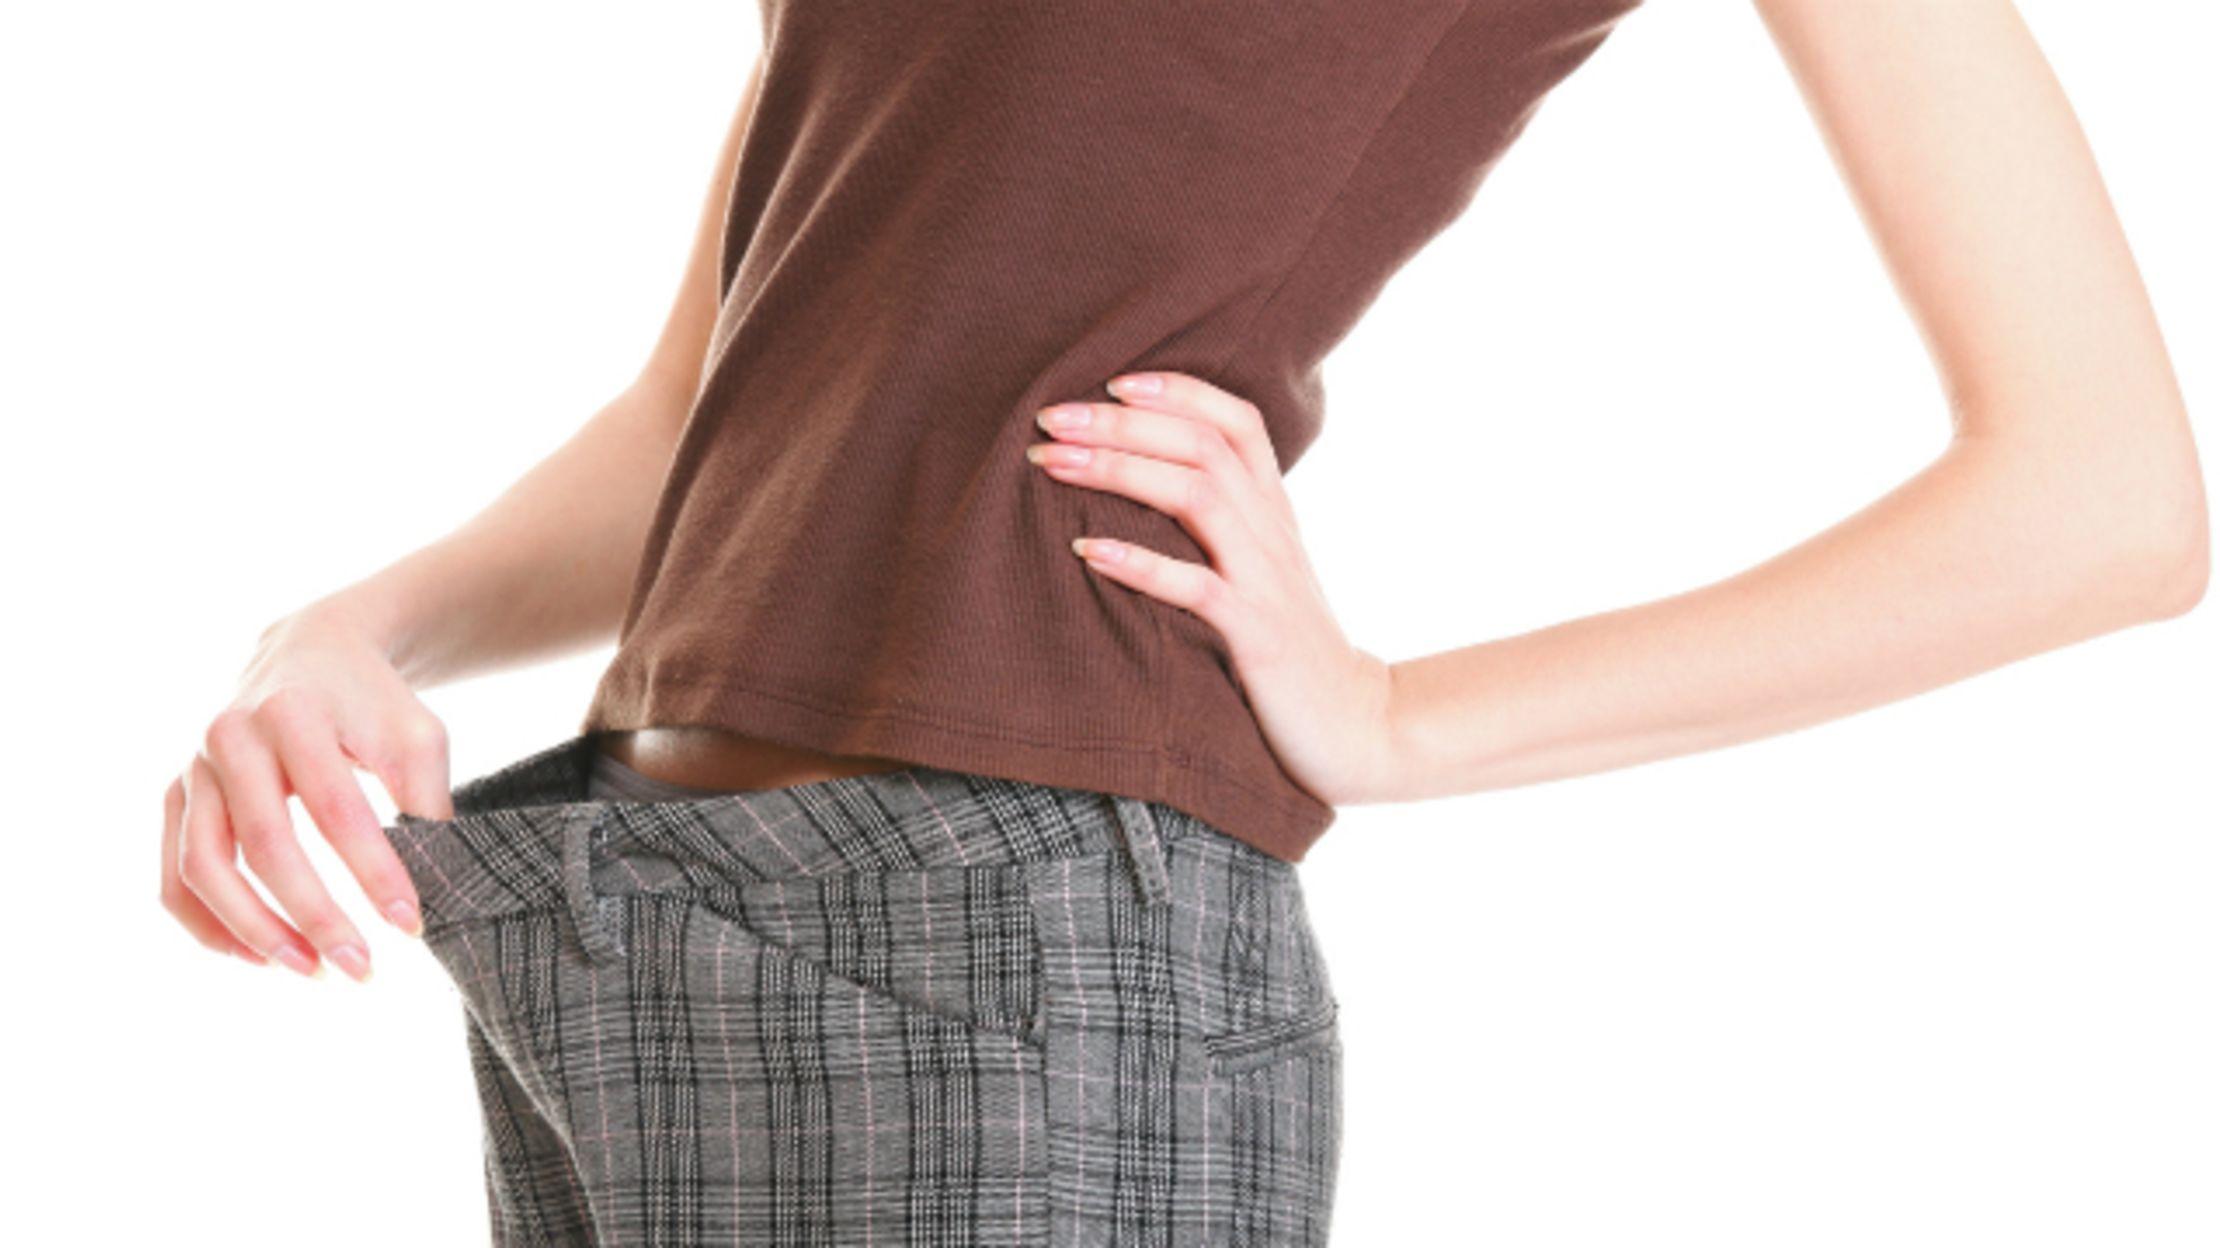 Why Yo-Yo Dieting Leads to Long-Term Weight Gain